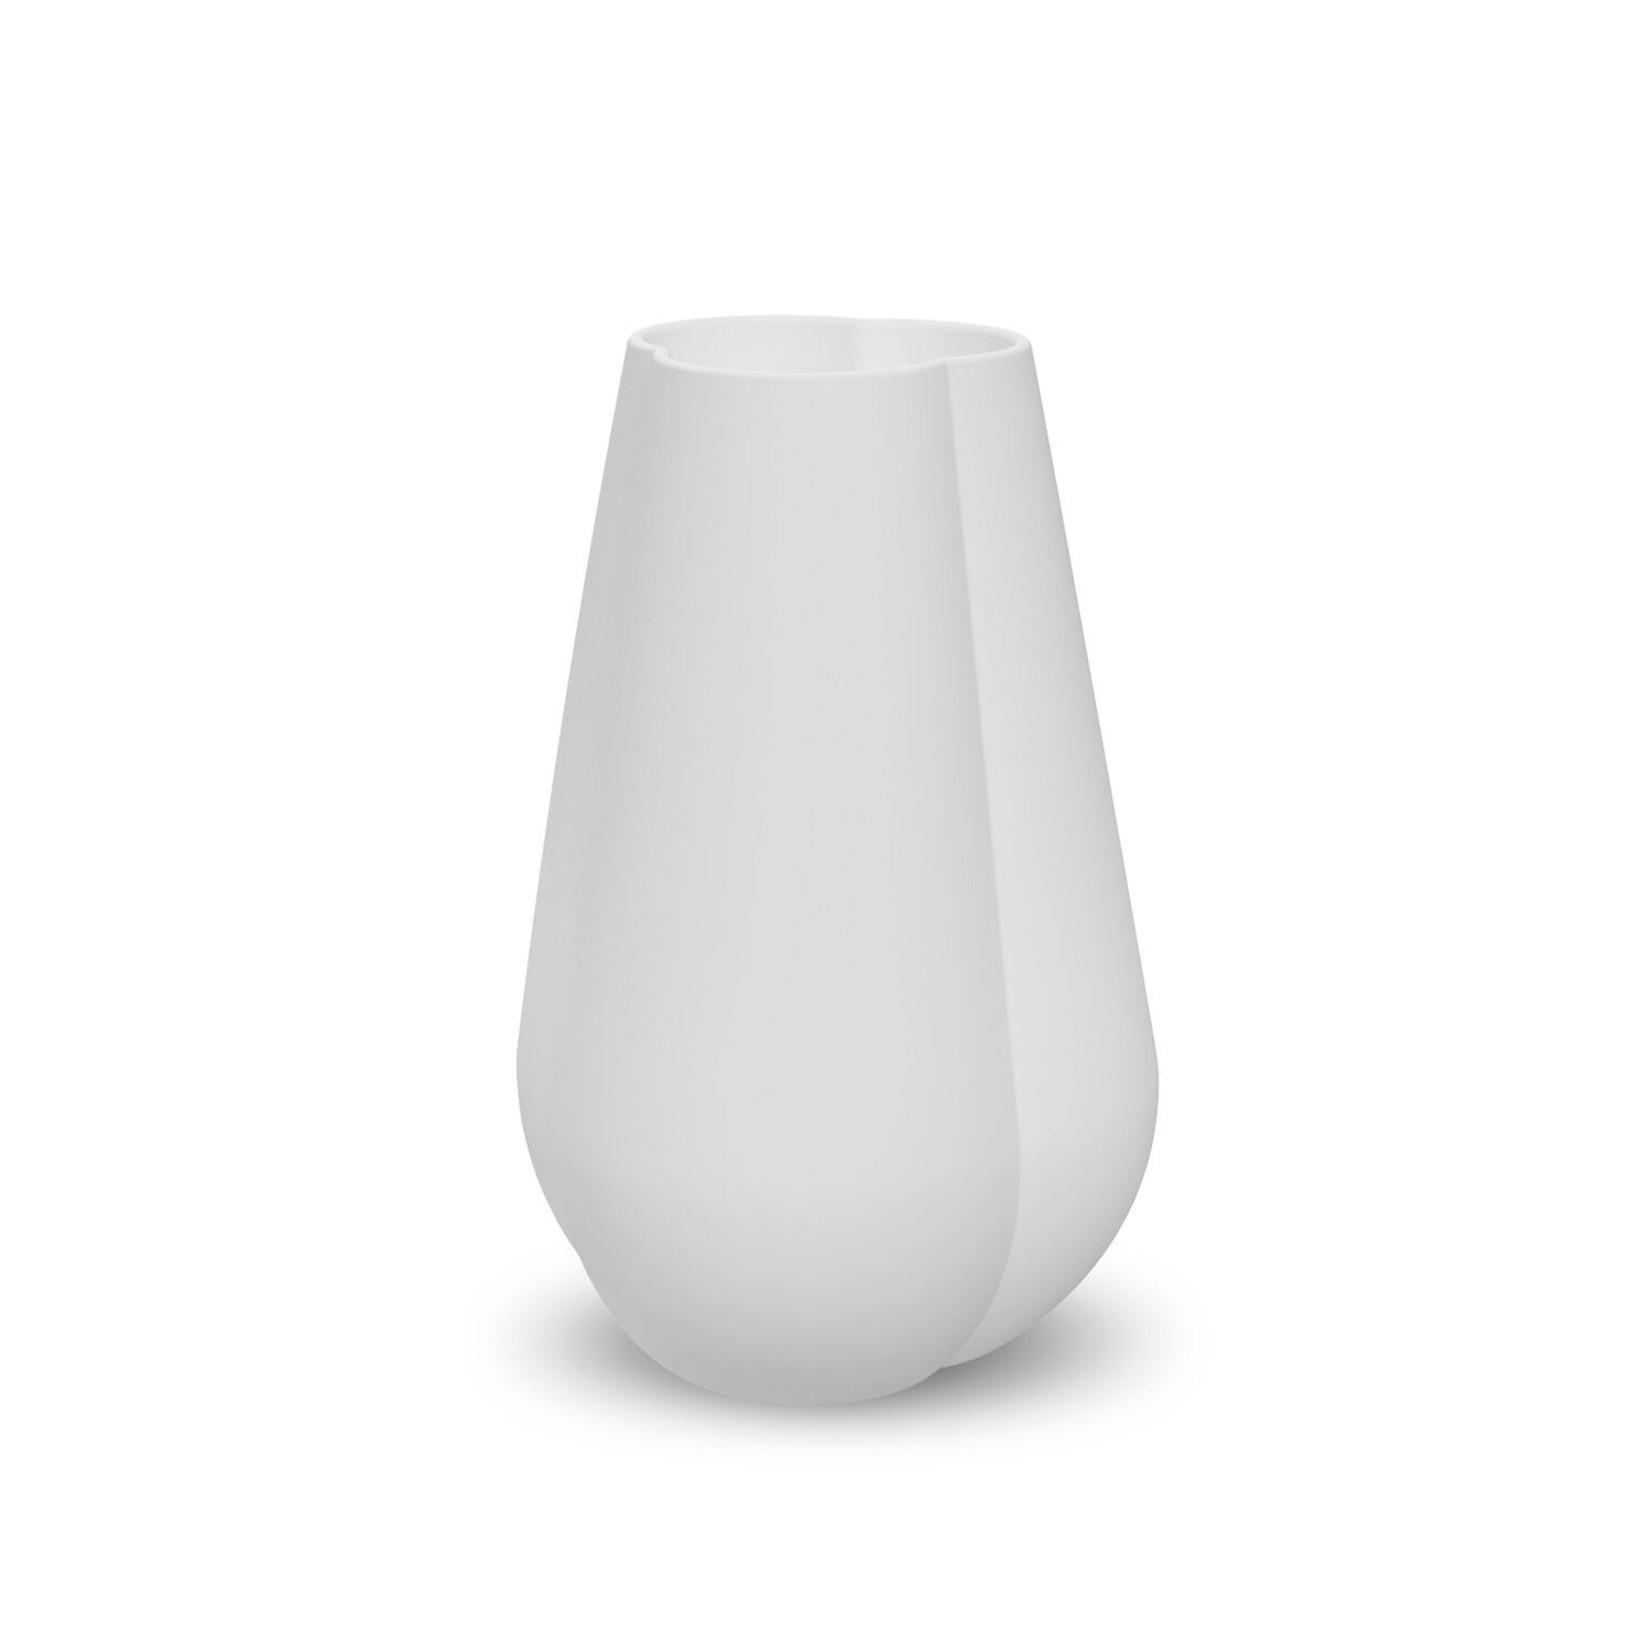 Cooee Design Vase Clover 25cm